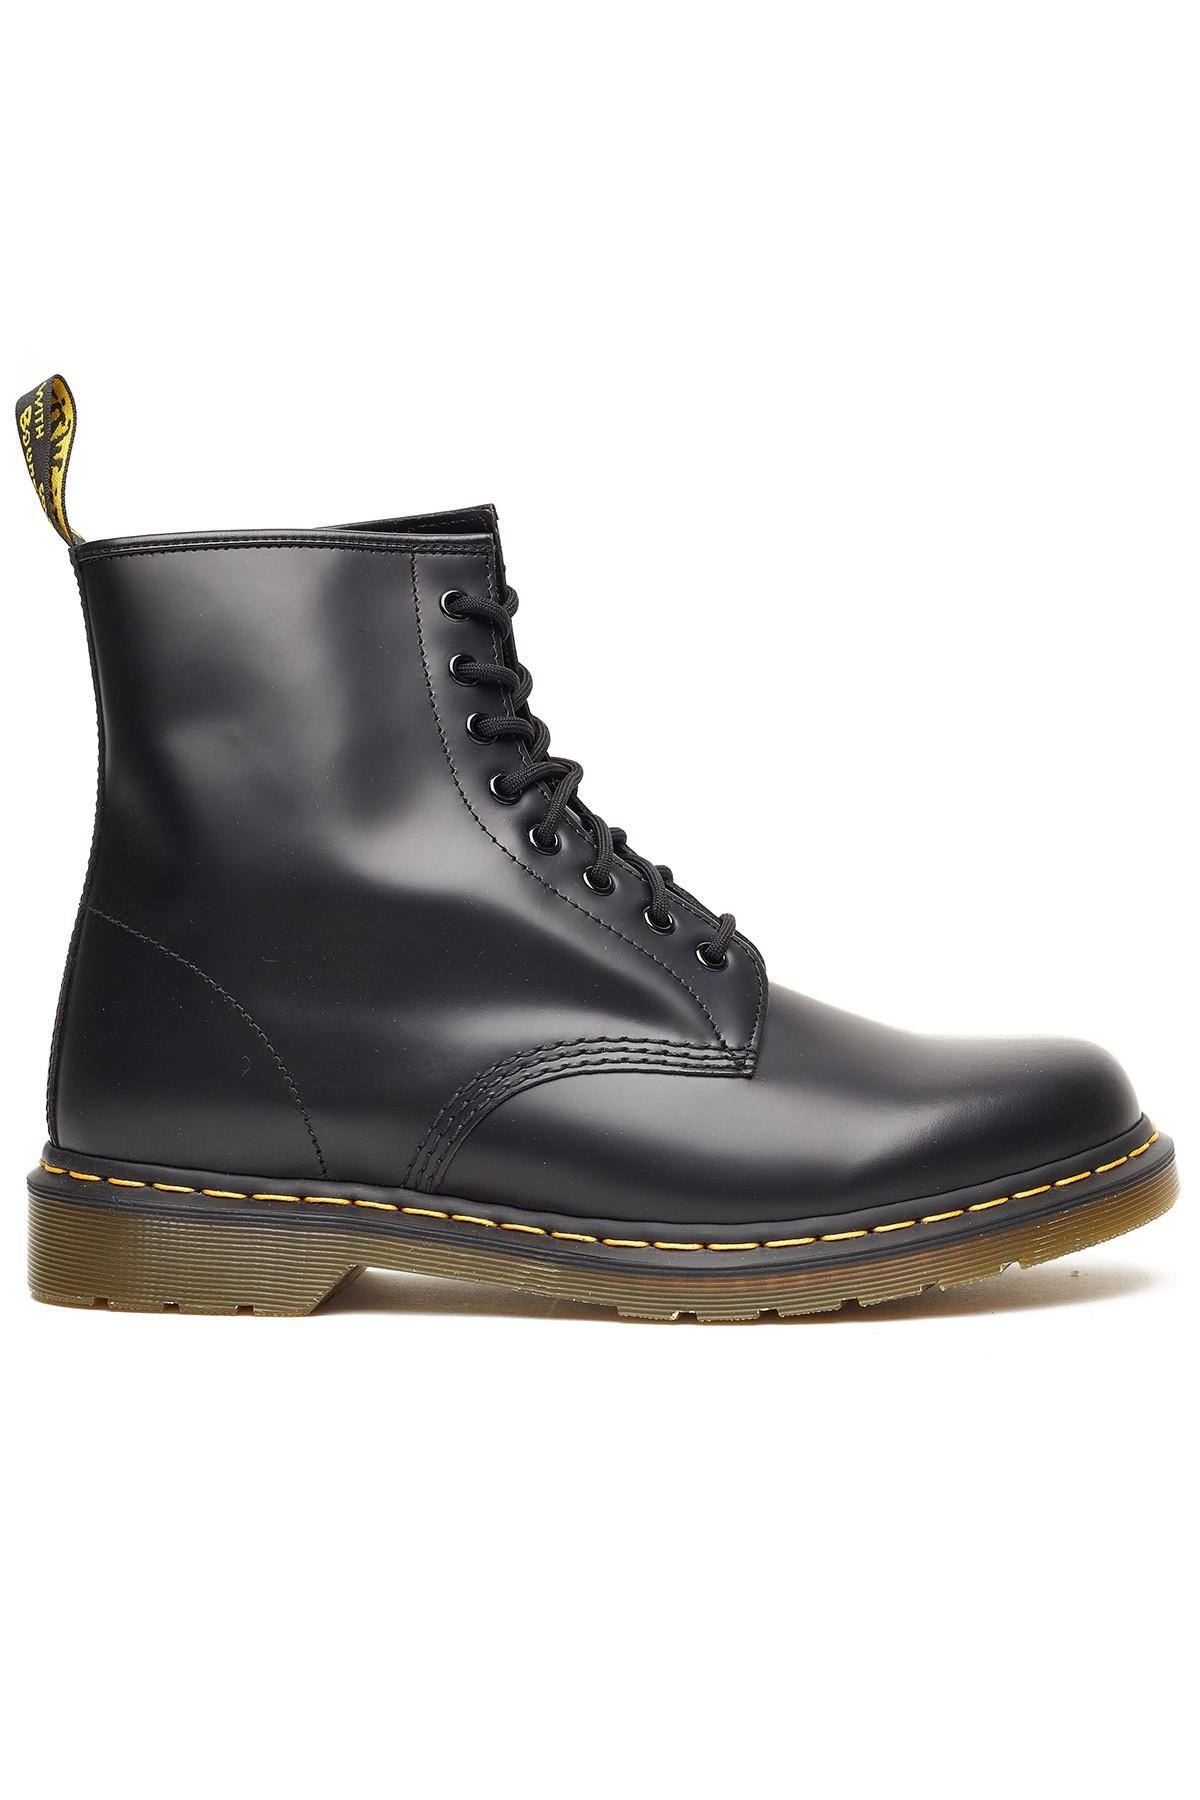 Doc Marten Boots Mens | Doc Martens Chelsea Boots Men | Doc Marten Mens Boots